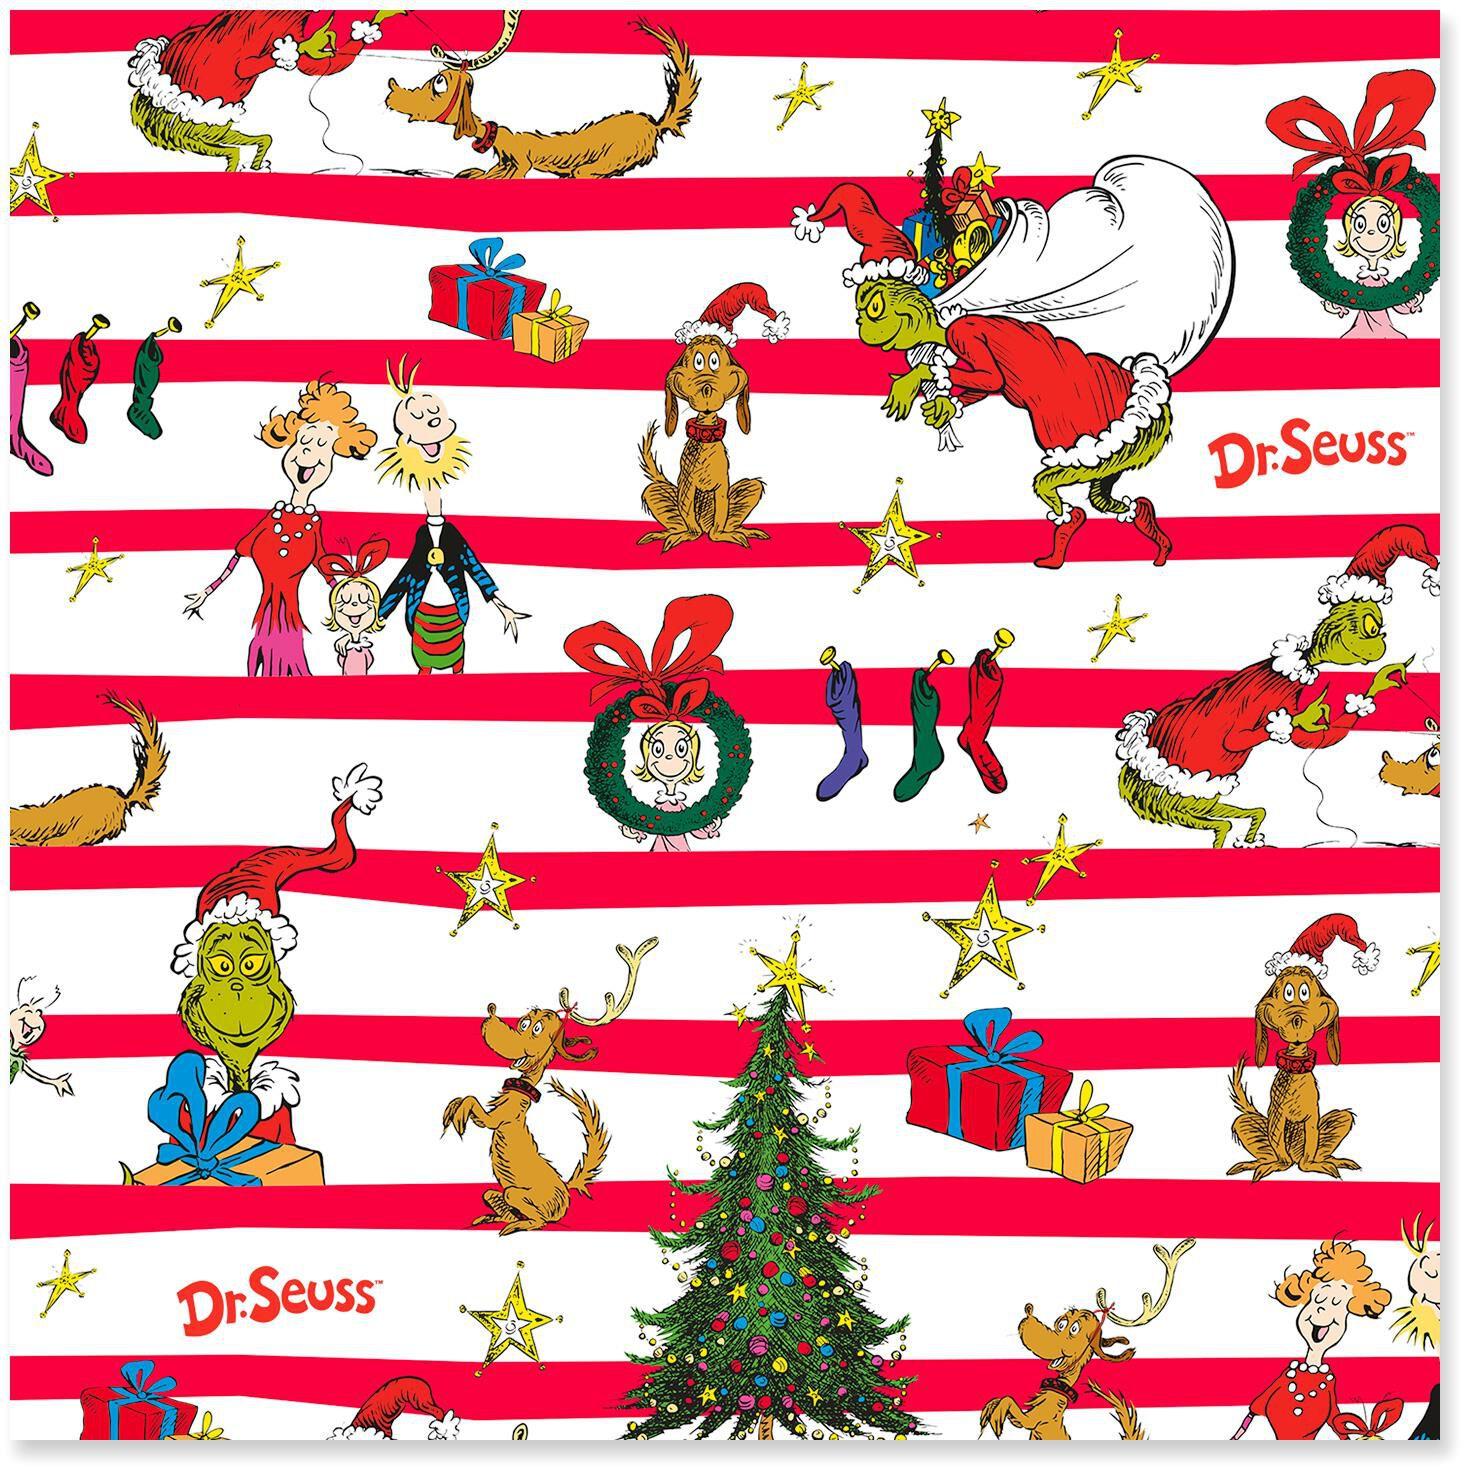 dr seuss how the grinch stole christmas jumbo christmas wrapping paper roll 80 sq ft wrapping paper hallmark